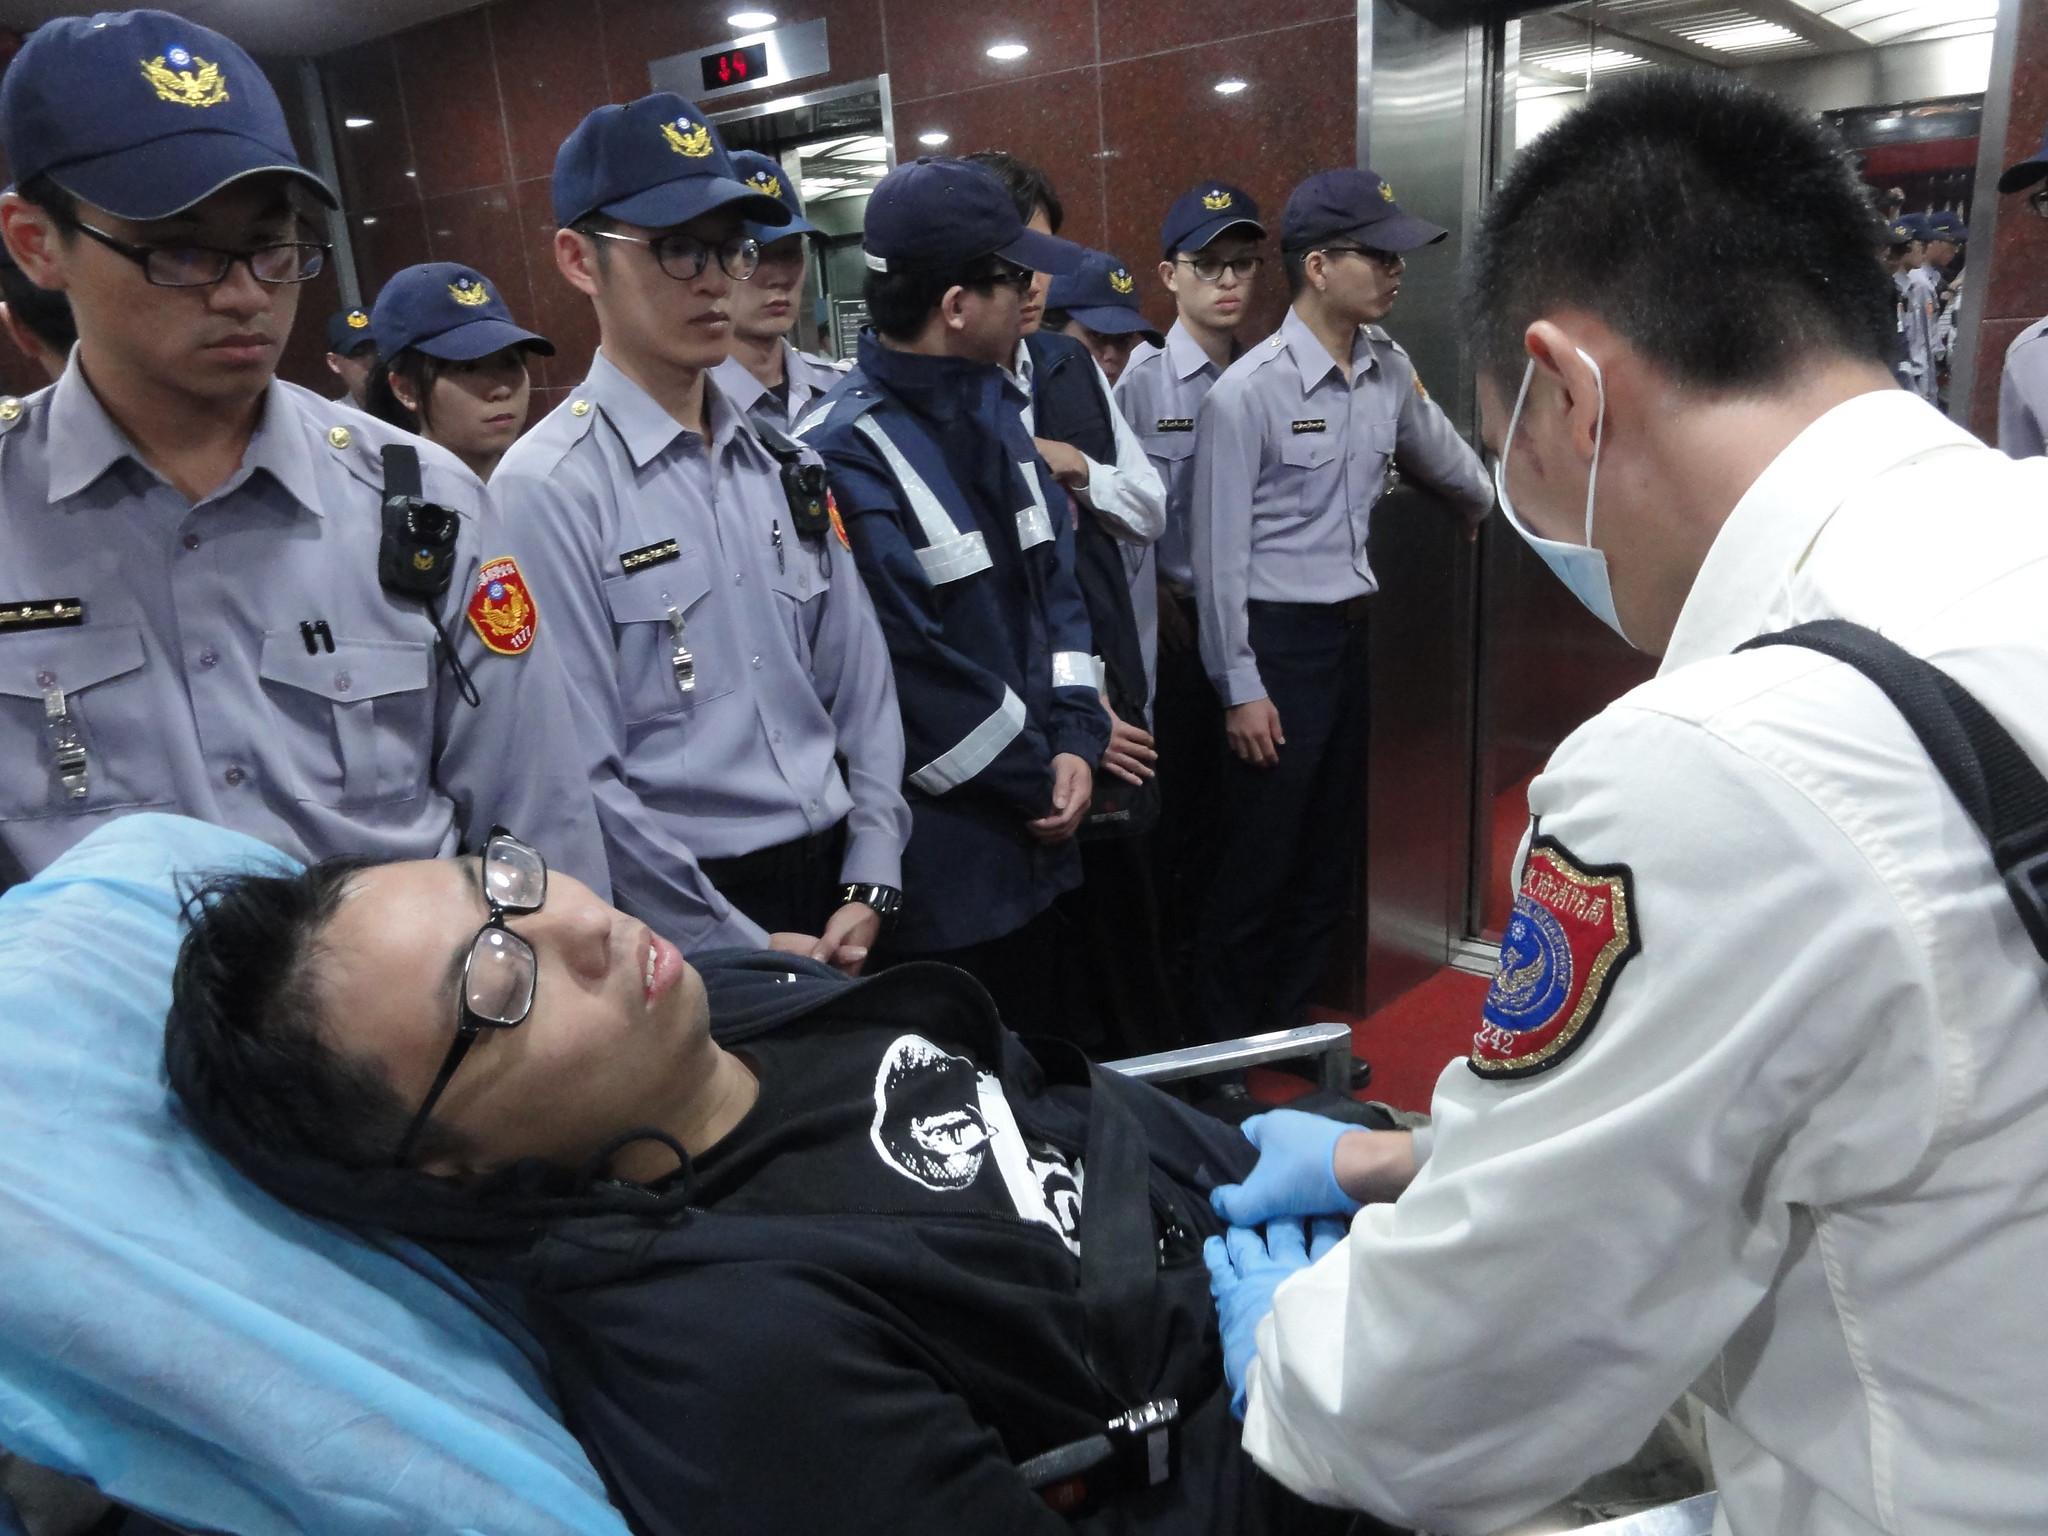 許惟棟被抬上病床緊急送醫。(攝影:張智琦)